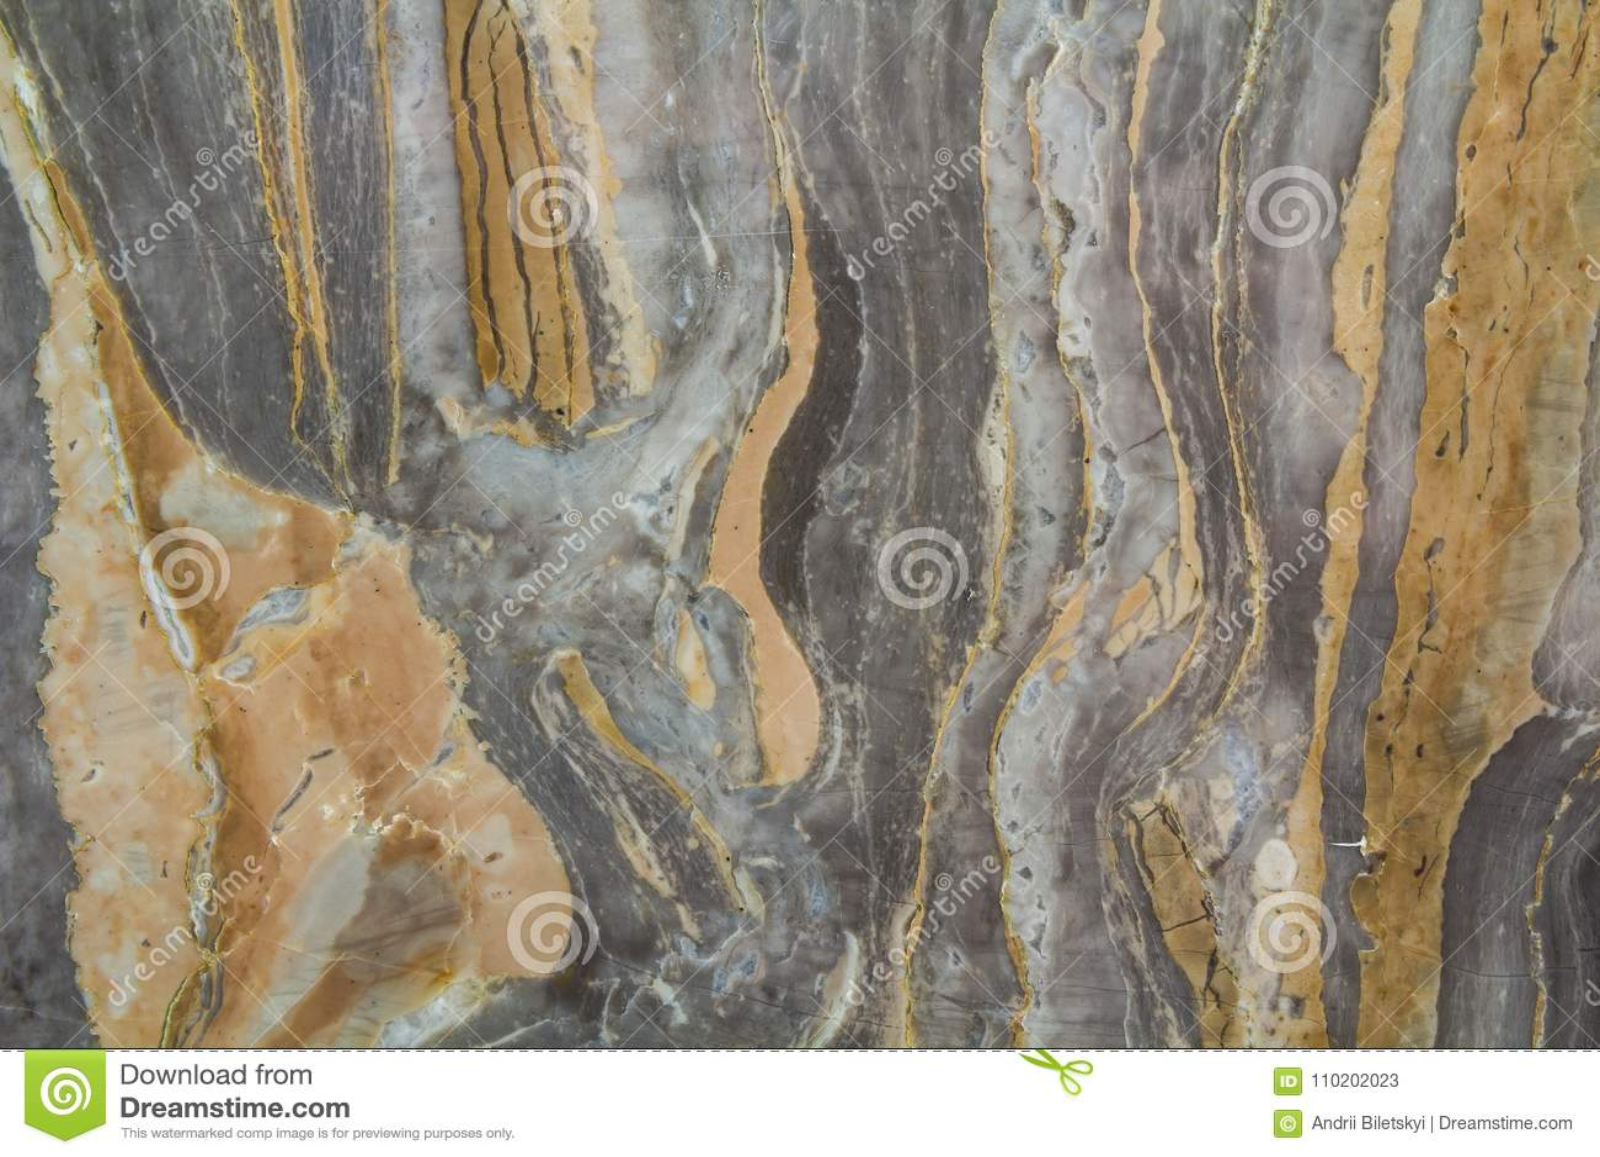 Zwart marmeren abstract patroon als achtergrond met hoge resolutie Wijnoogst of grunge achtergrond van textuur van de natuursteen